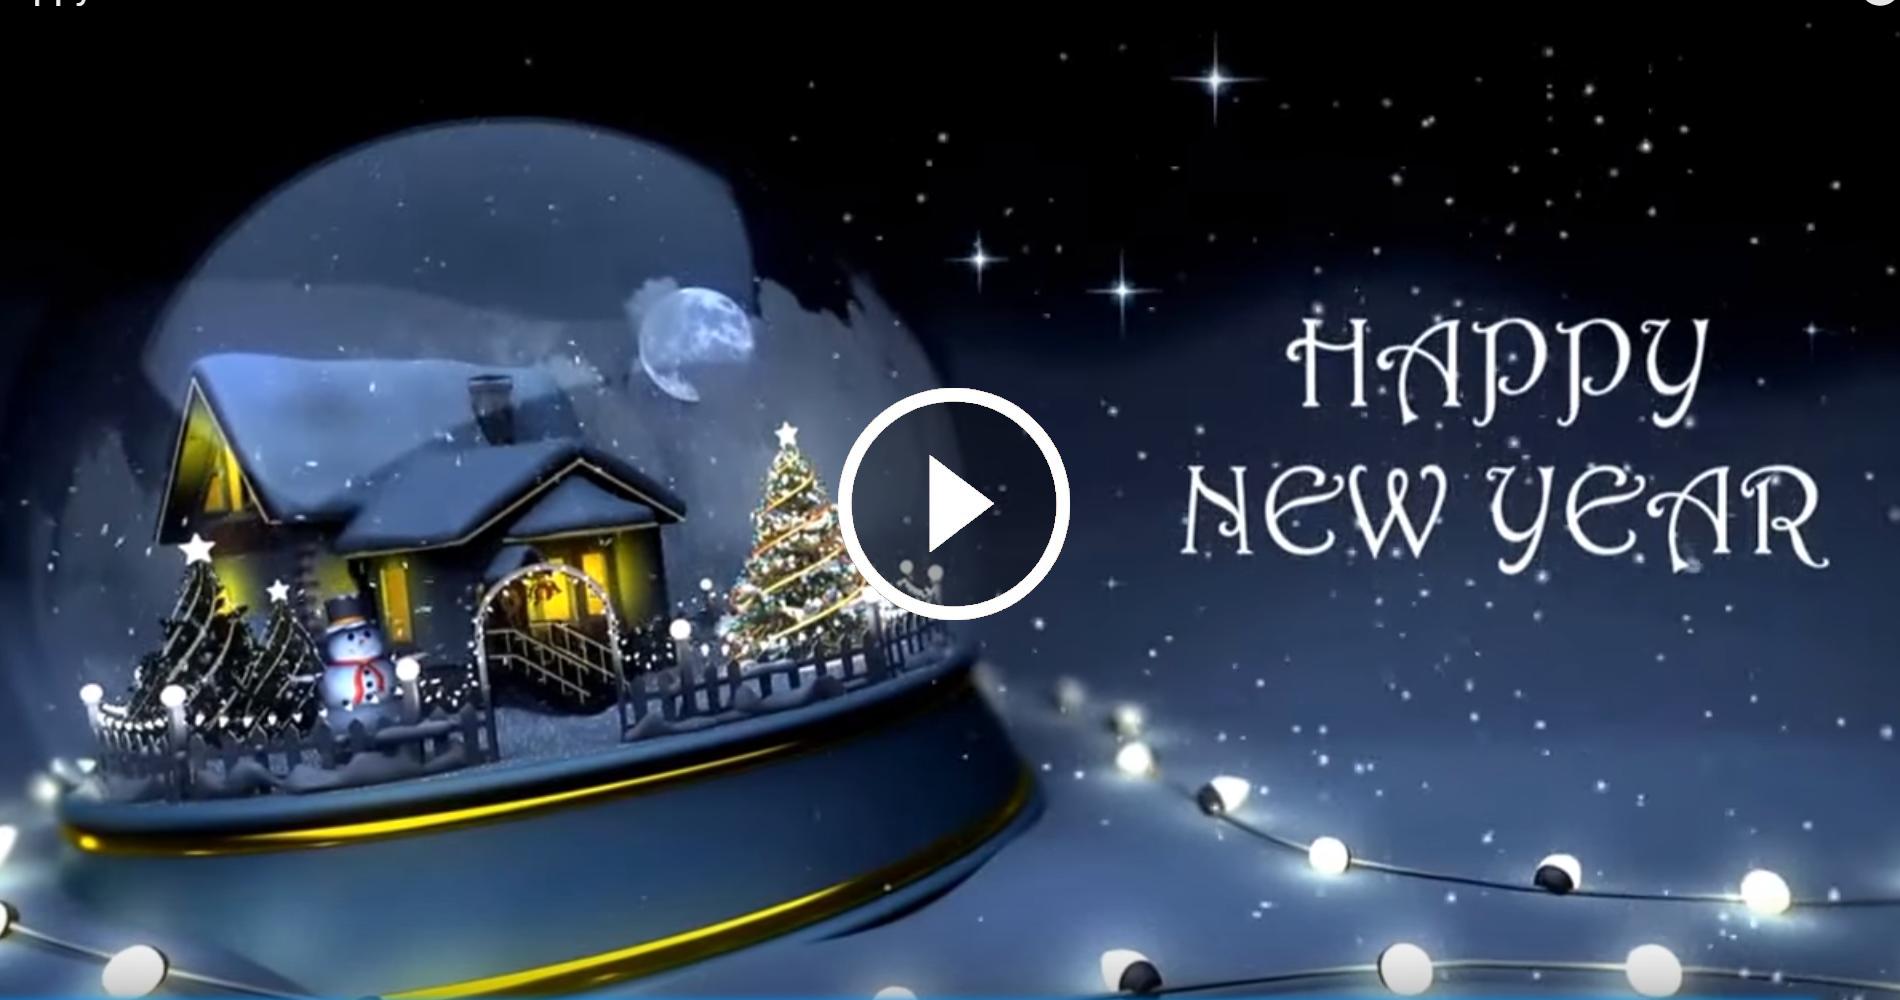 Buon anno nuovo for Messaggi divertenti di buon anno